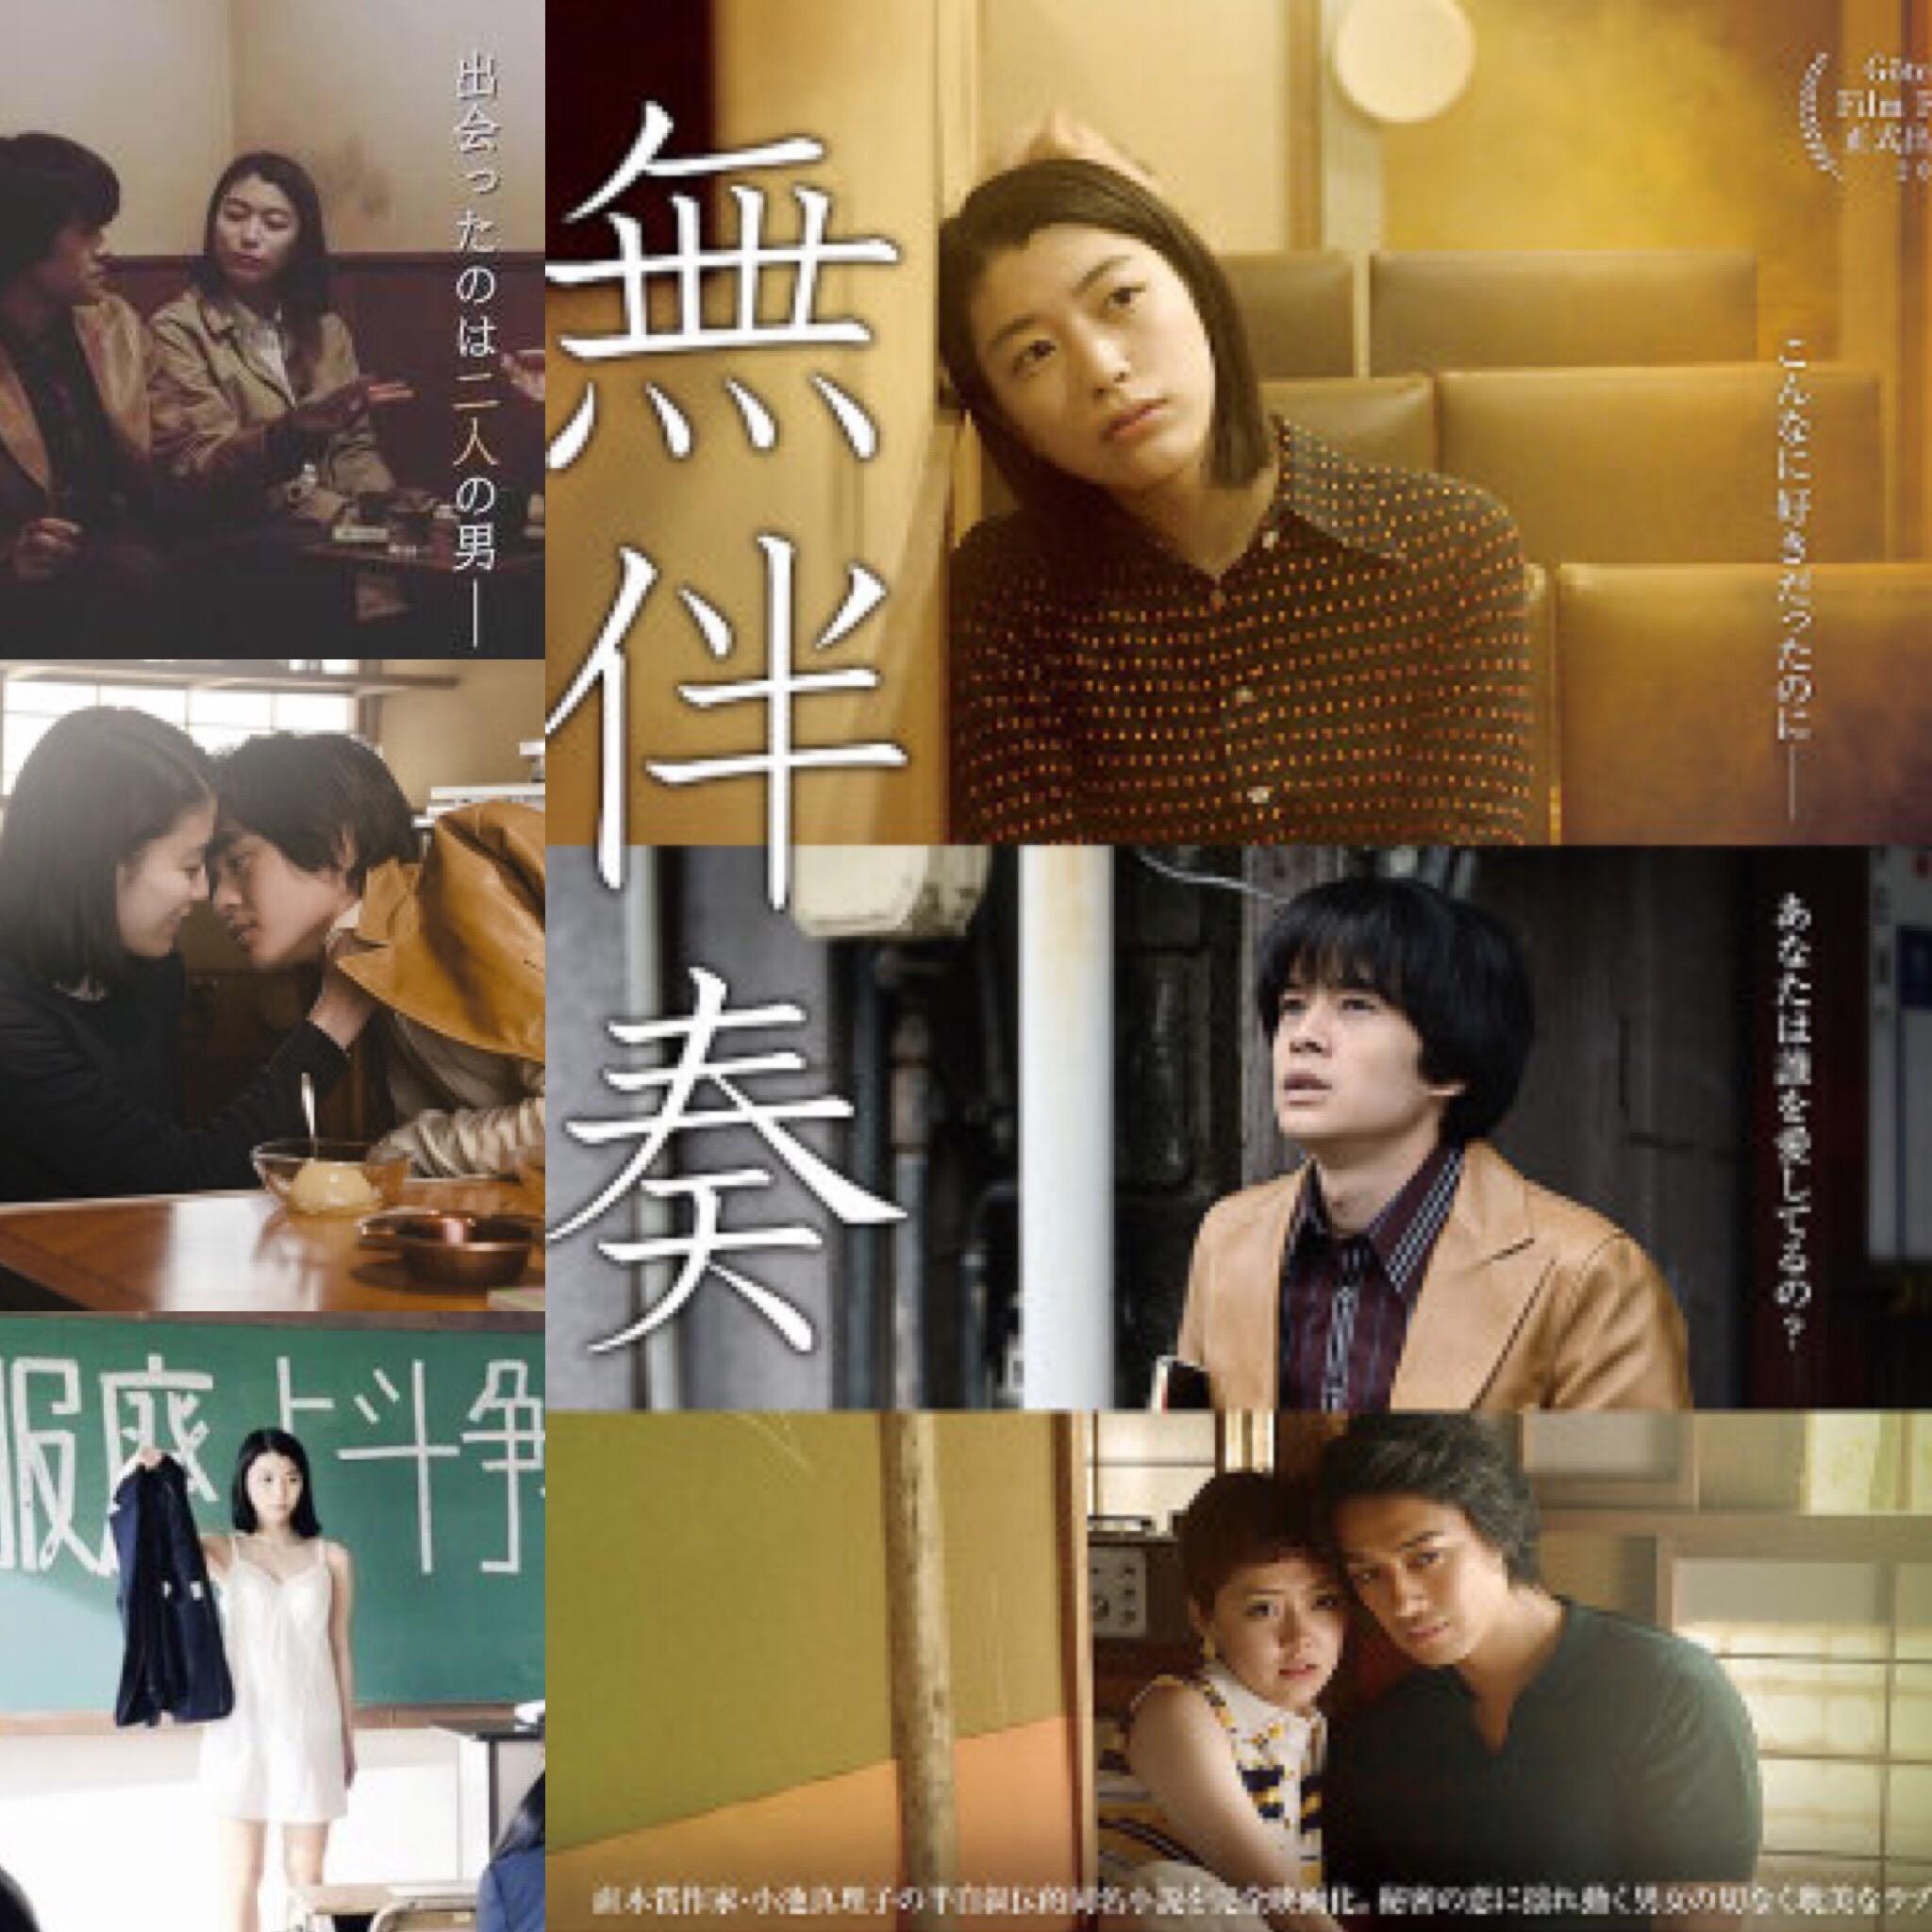 2016.3.26公開【無伴奏】〜10秒で読める映画レビュー〜